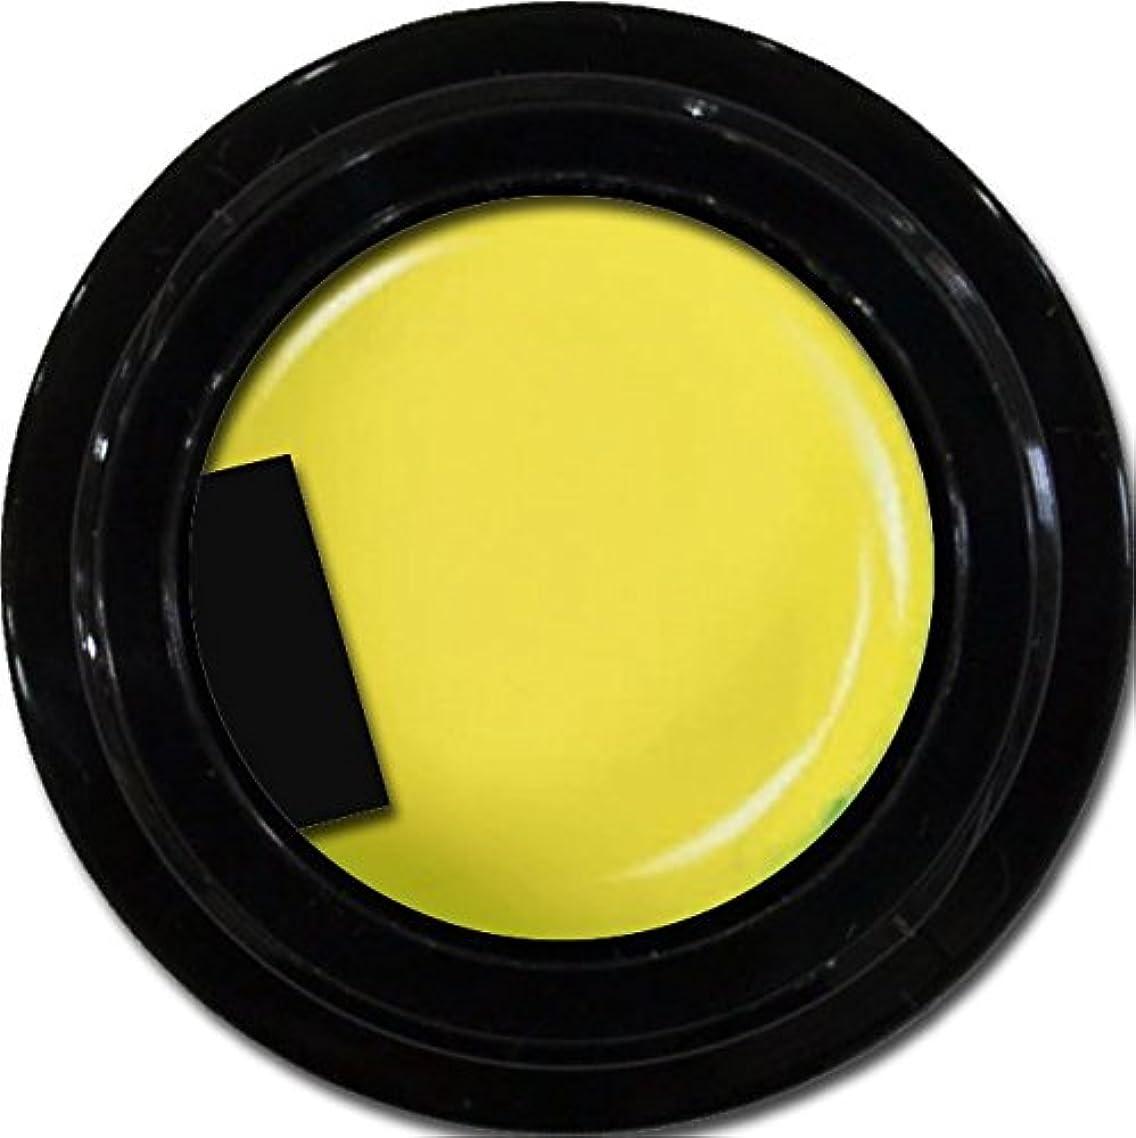 抗生物質アーサーコナンドイル実証するカラージェル enchant color gel M602 MoroccoYellow 3g/ マットカラージェル M602 モロッコイエロー 3グラム